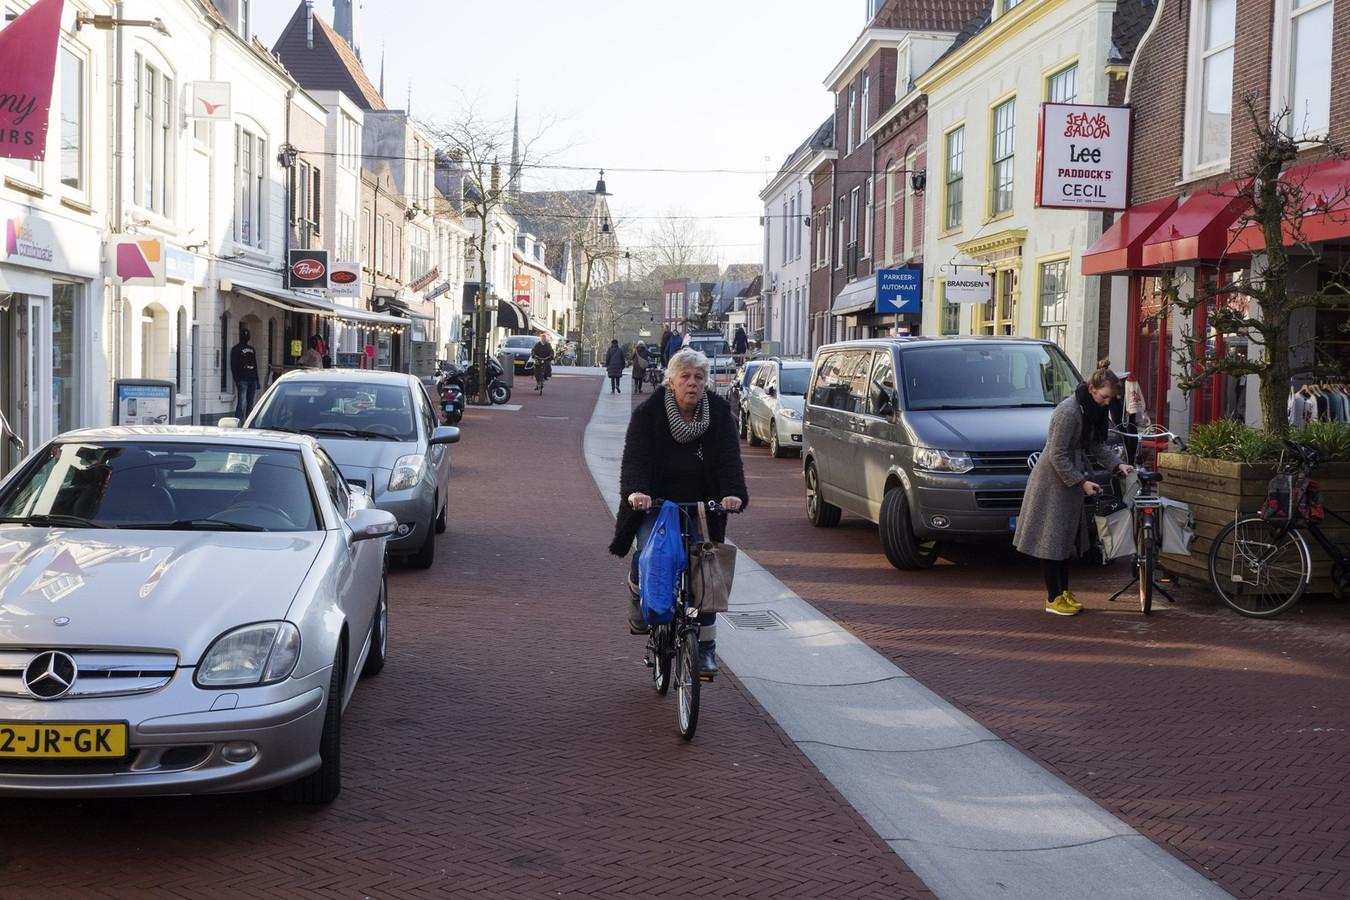 Eén van de maatregelen die Detailhandel Nederland voorstelt om meer klanten naar winkelstraten te trekken, is het verlagen van parkeertarieven.